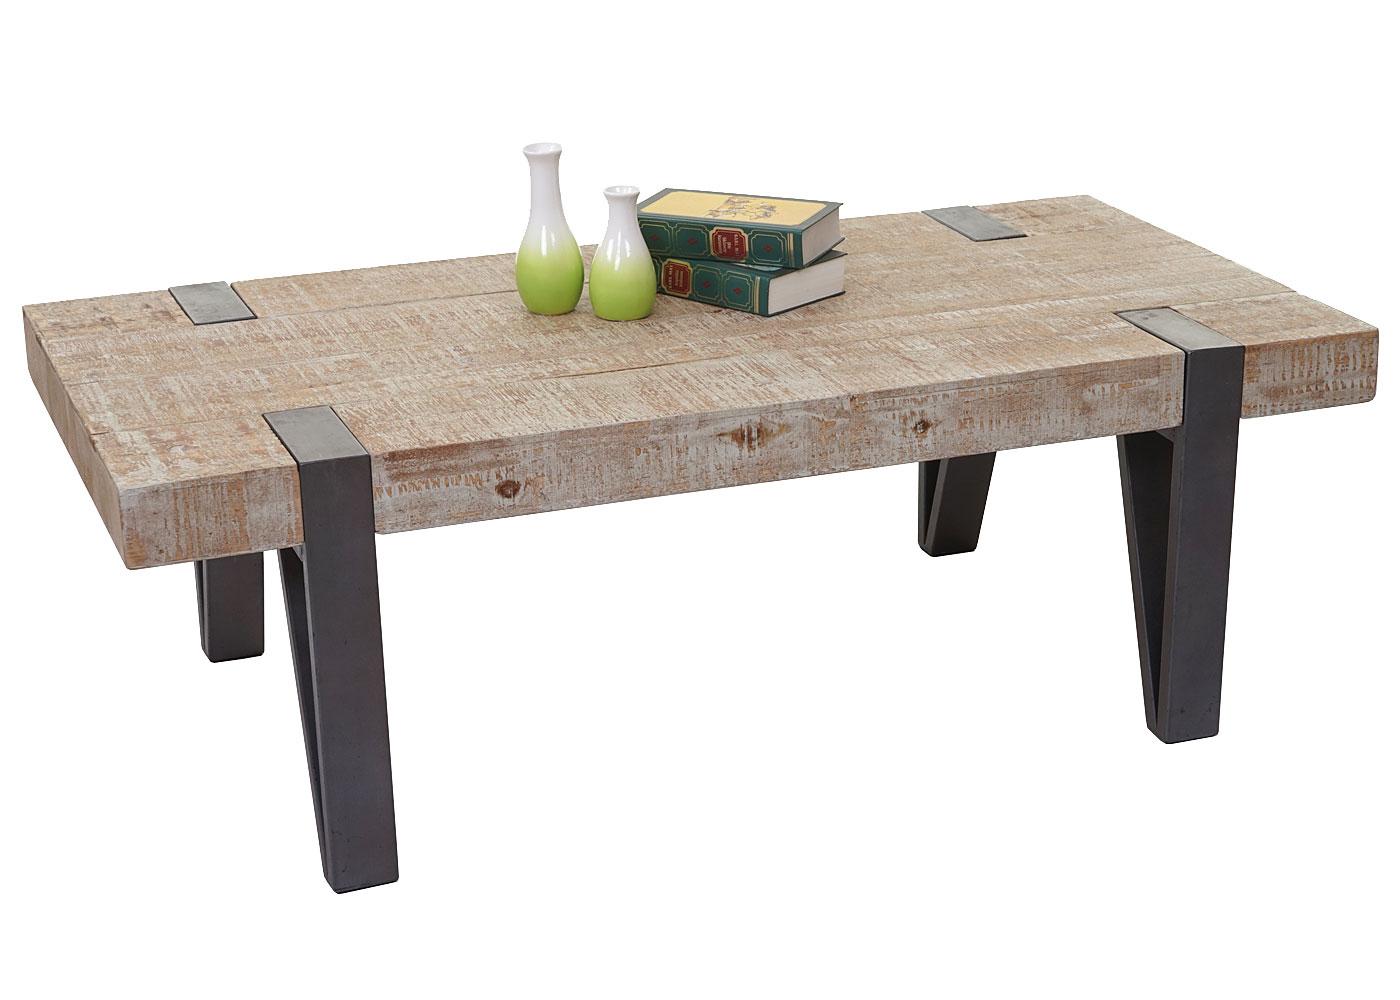 Table basse de salon hwc a15b sapin bois massif rustique - Table de salon rustique ...